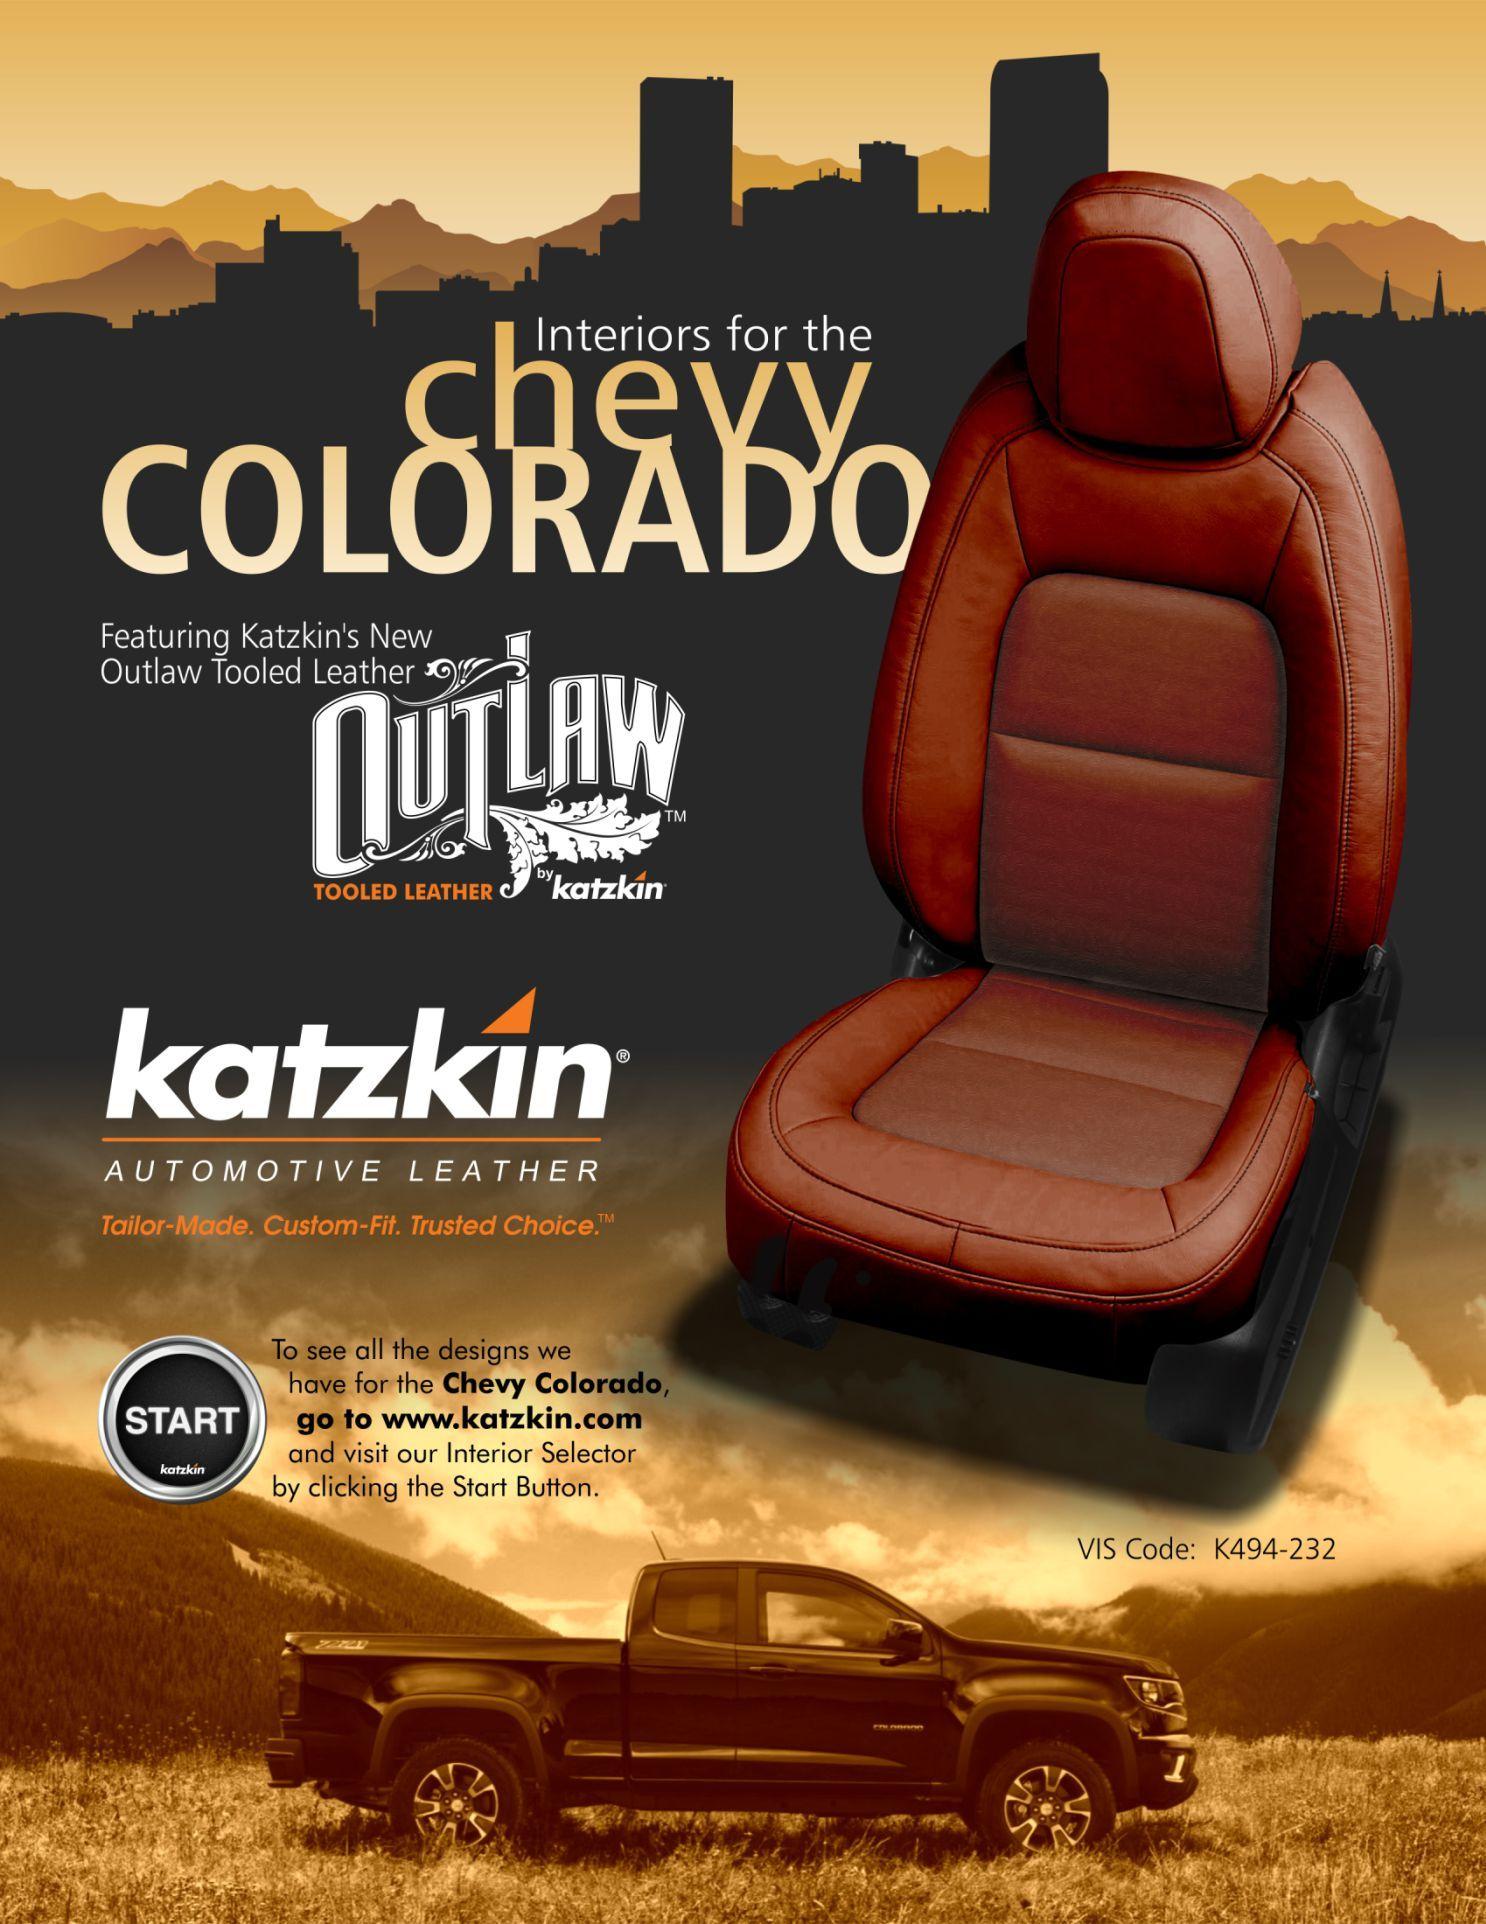 Chevy Colorado - Outlaw (E-Brochure)